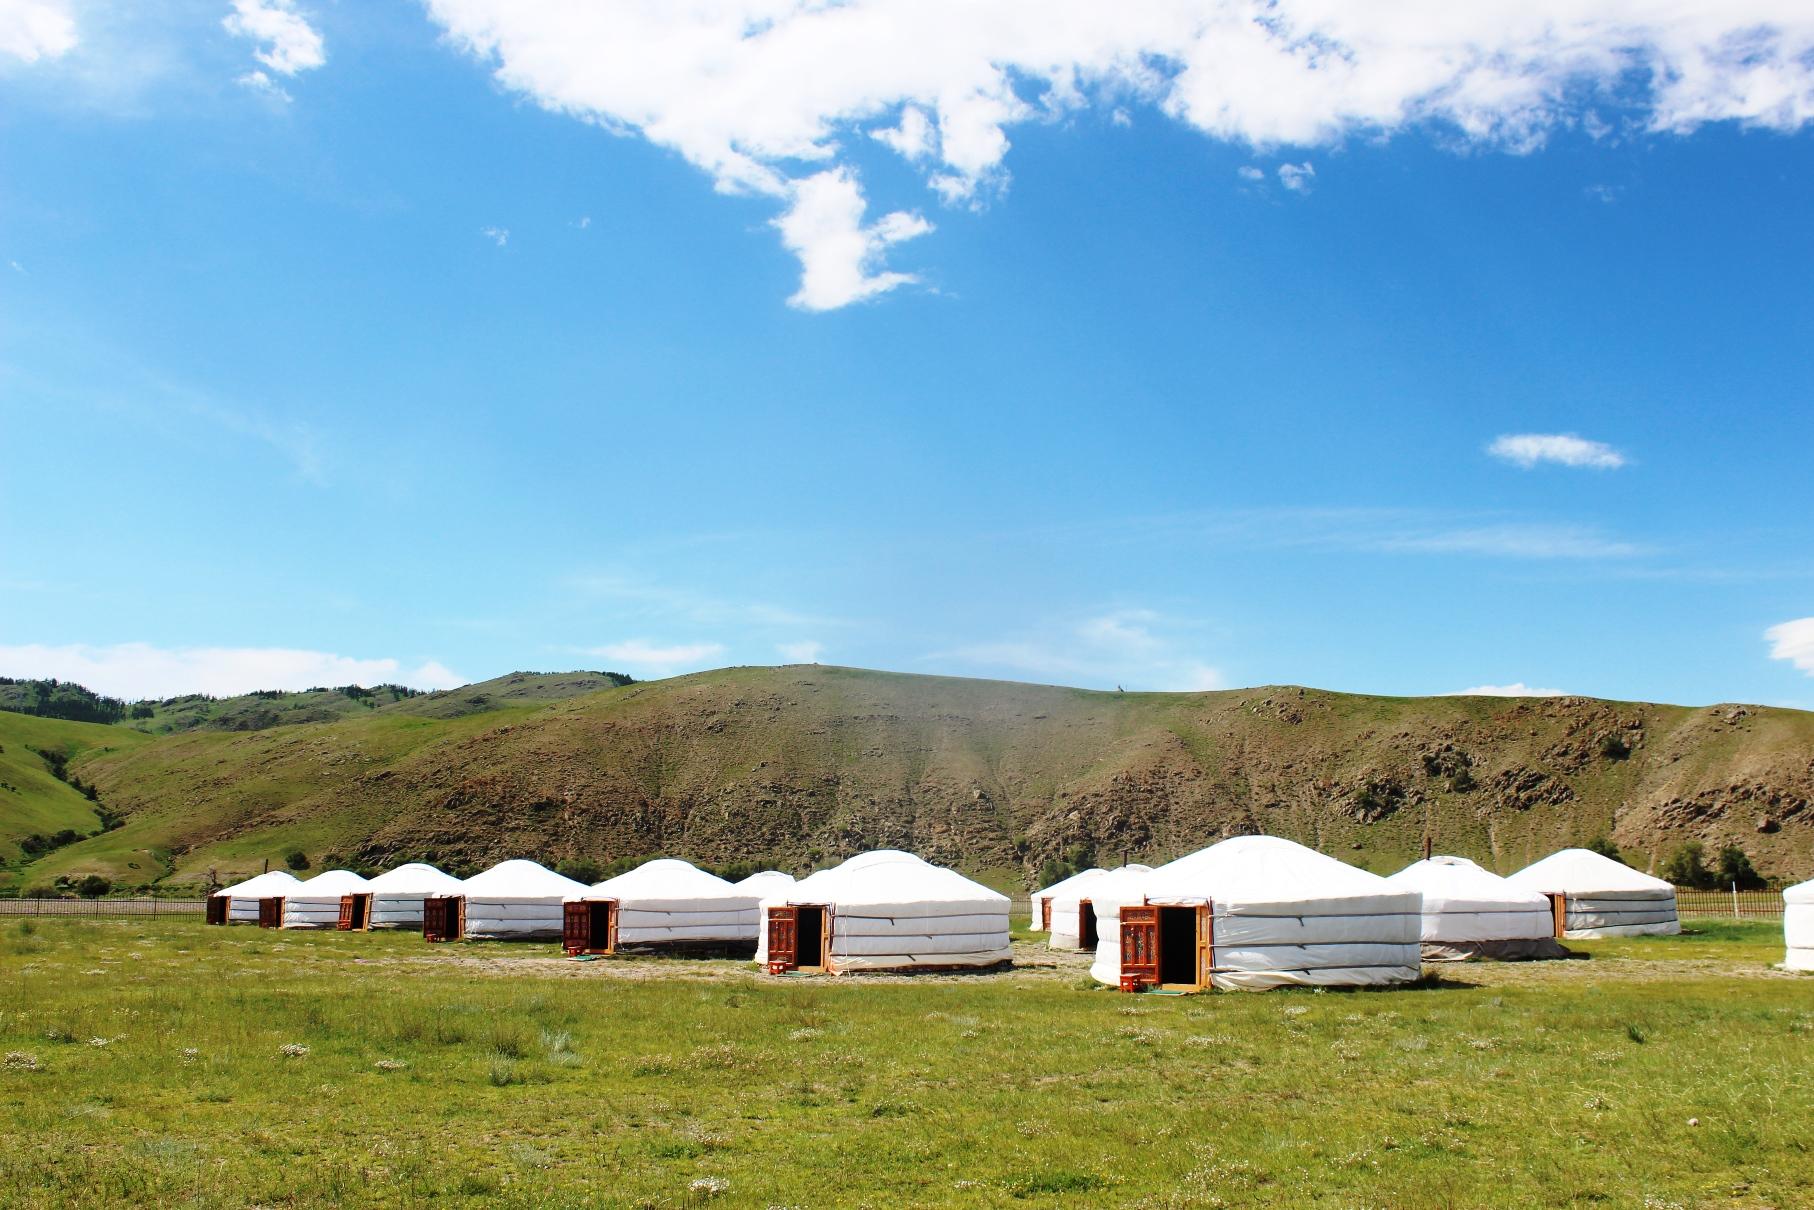 大草原の中に建つツーリストキャンプ